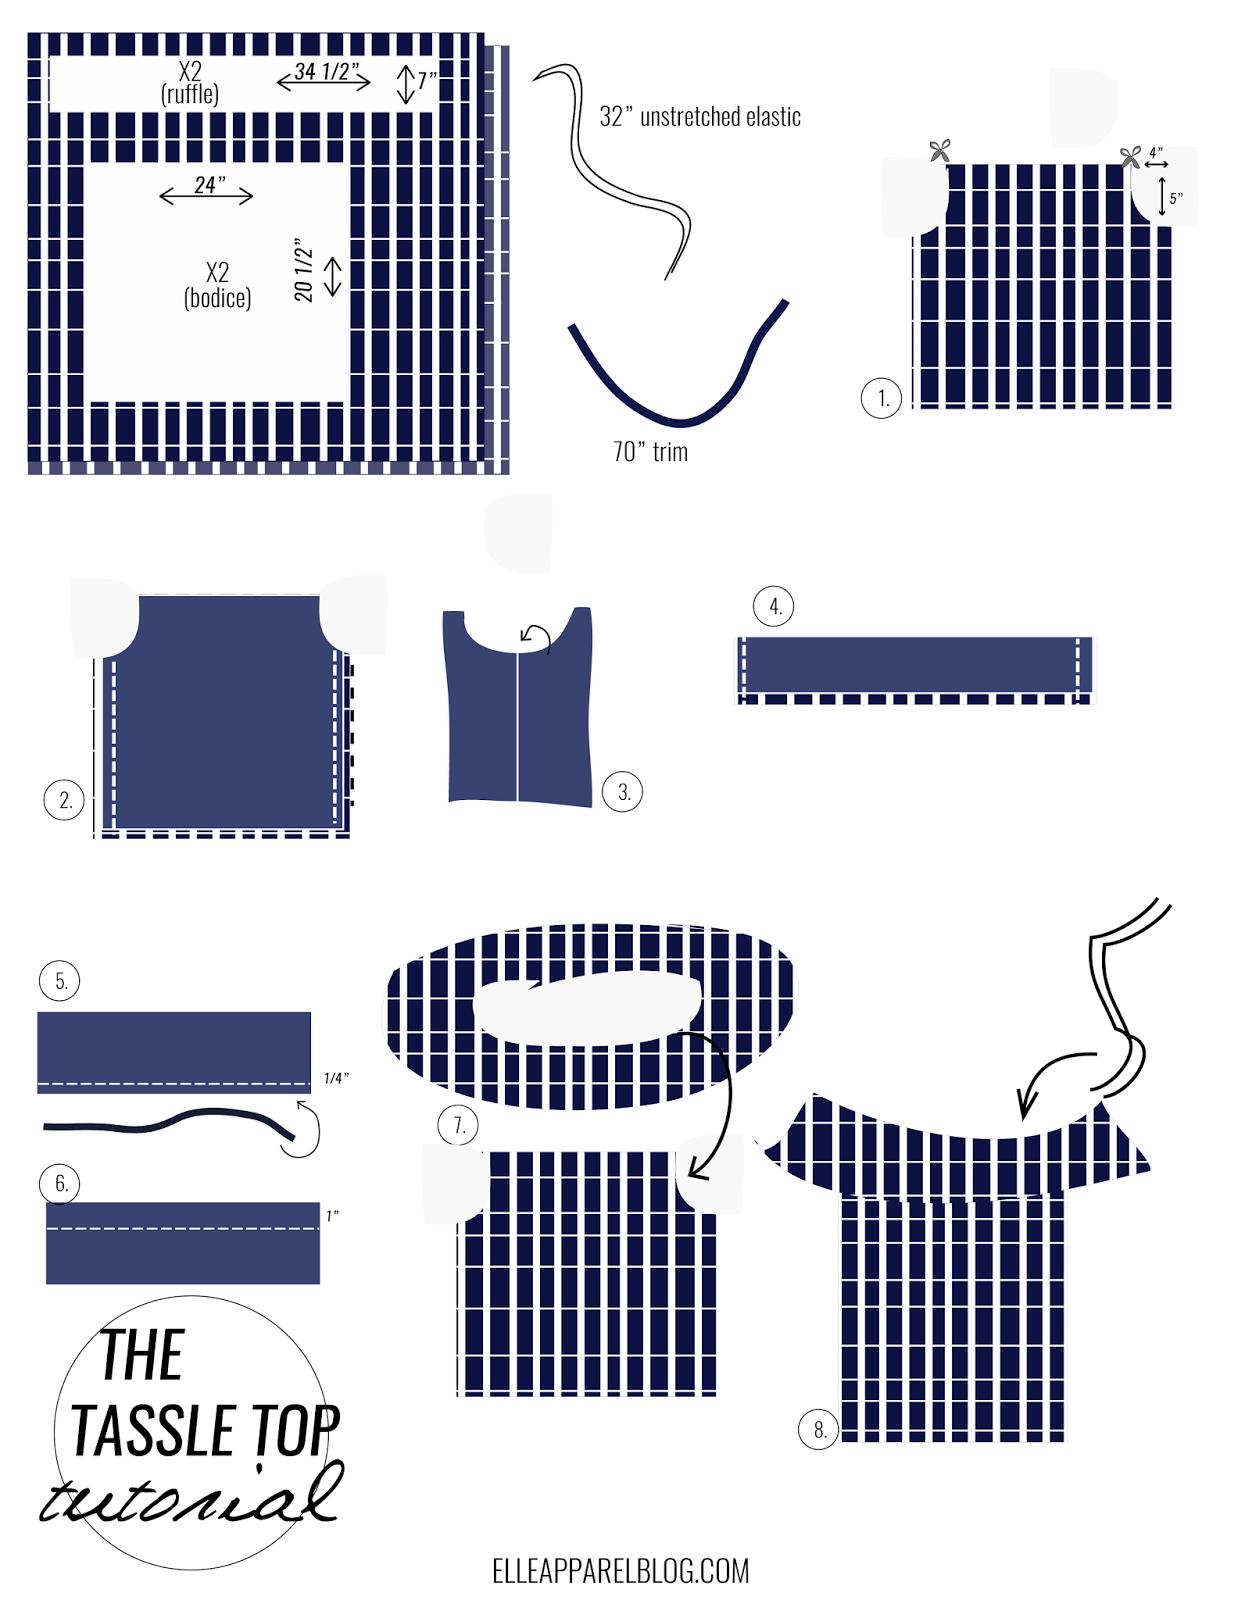 THE OFF THE SHOULDER TASSLE TOP TUTORIAL   Costura, Patrones y Blusas